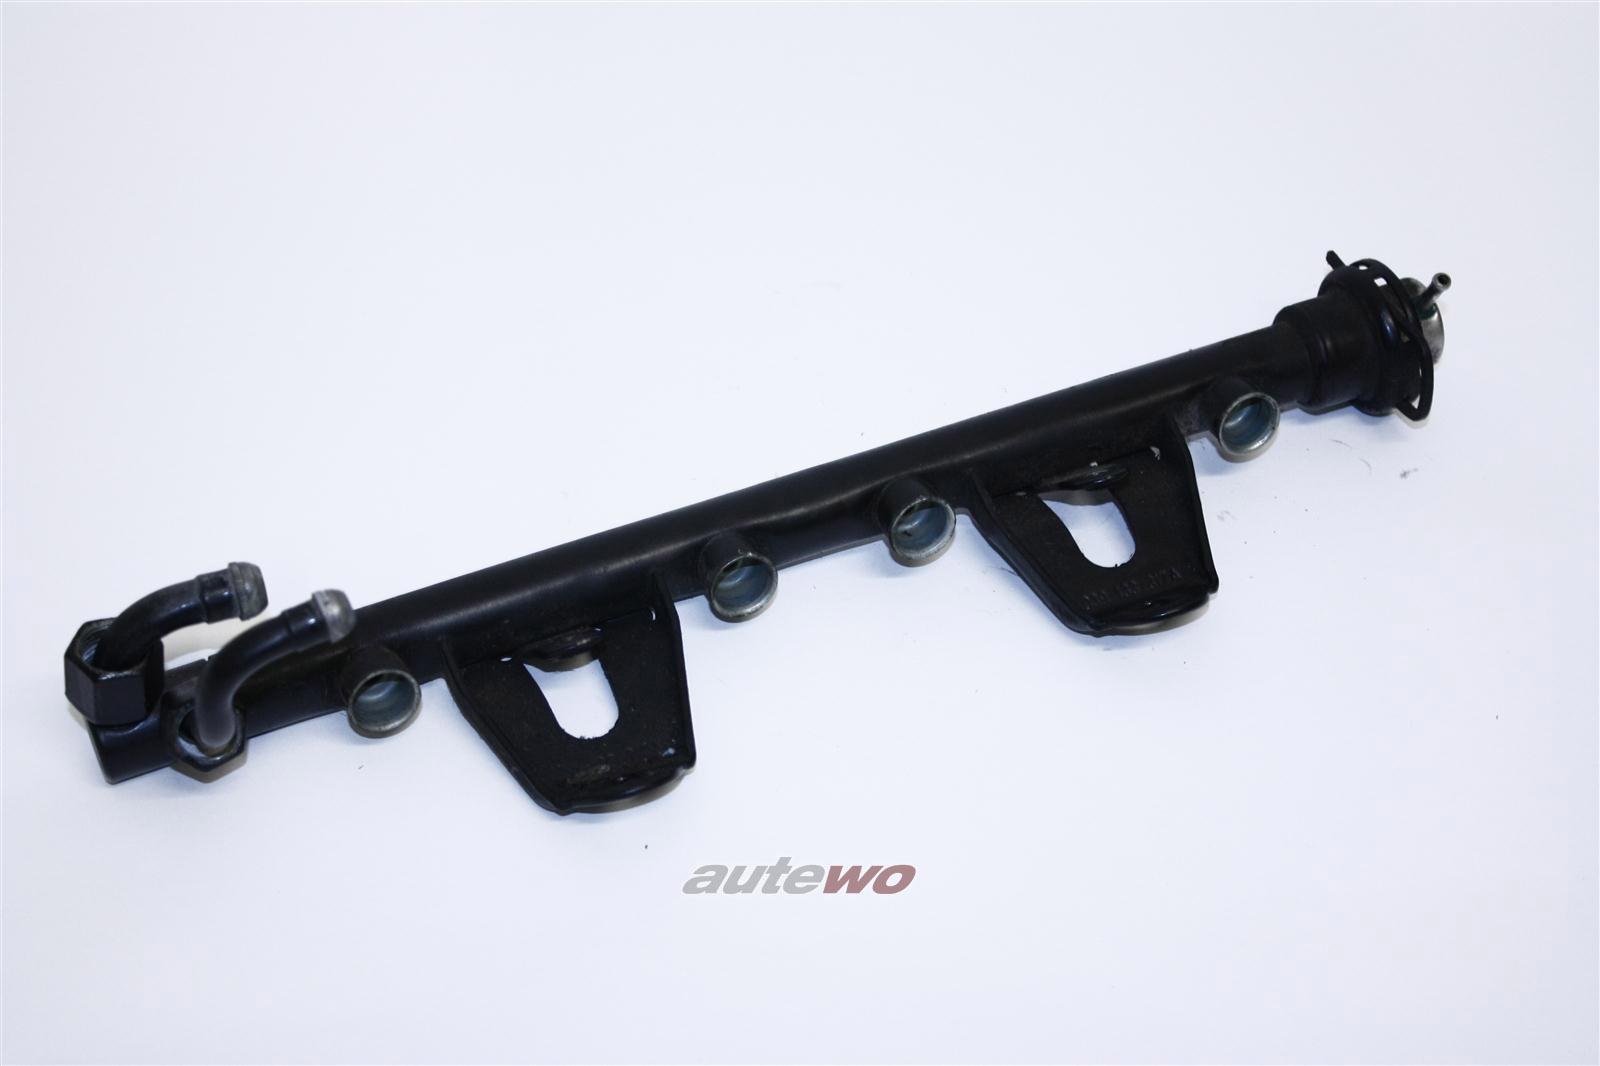 Audi 80 B4 2.0l 115PS Einspritzleiste mit Benzindruckregler 039133317C & 037133035C